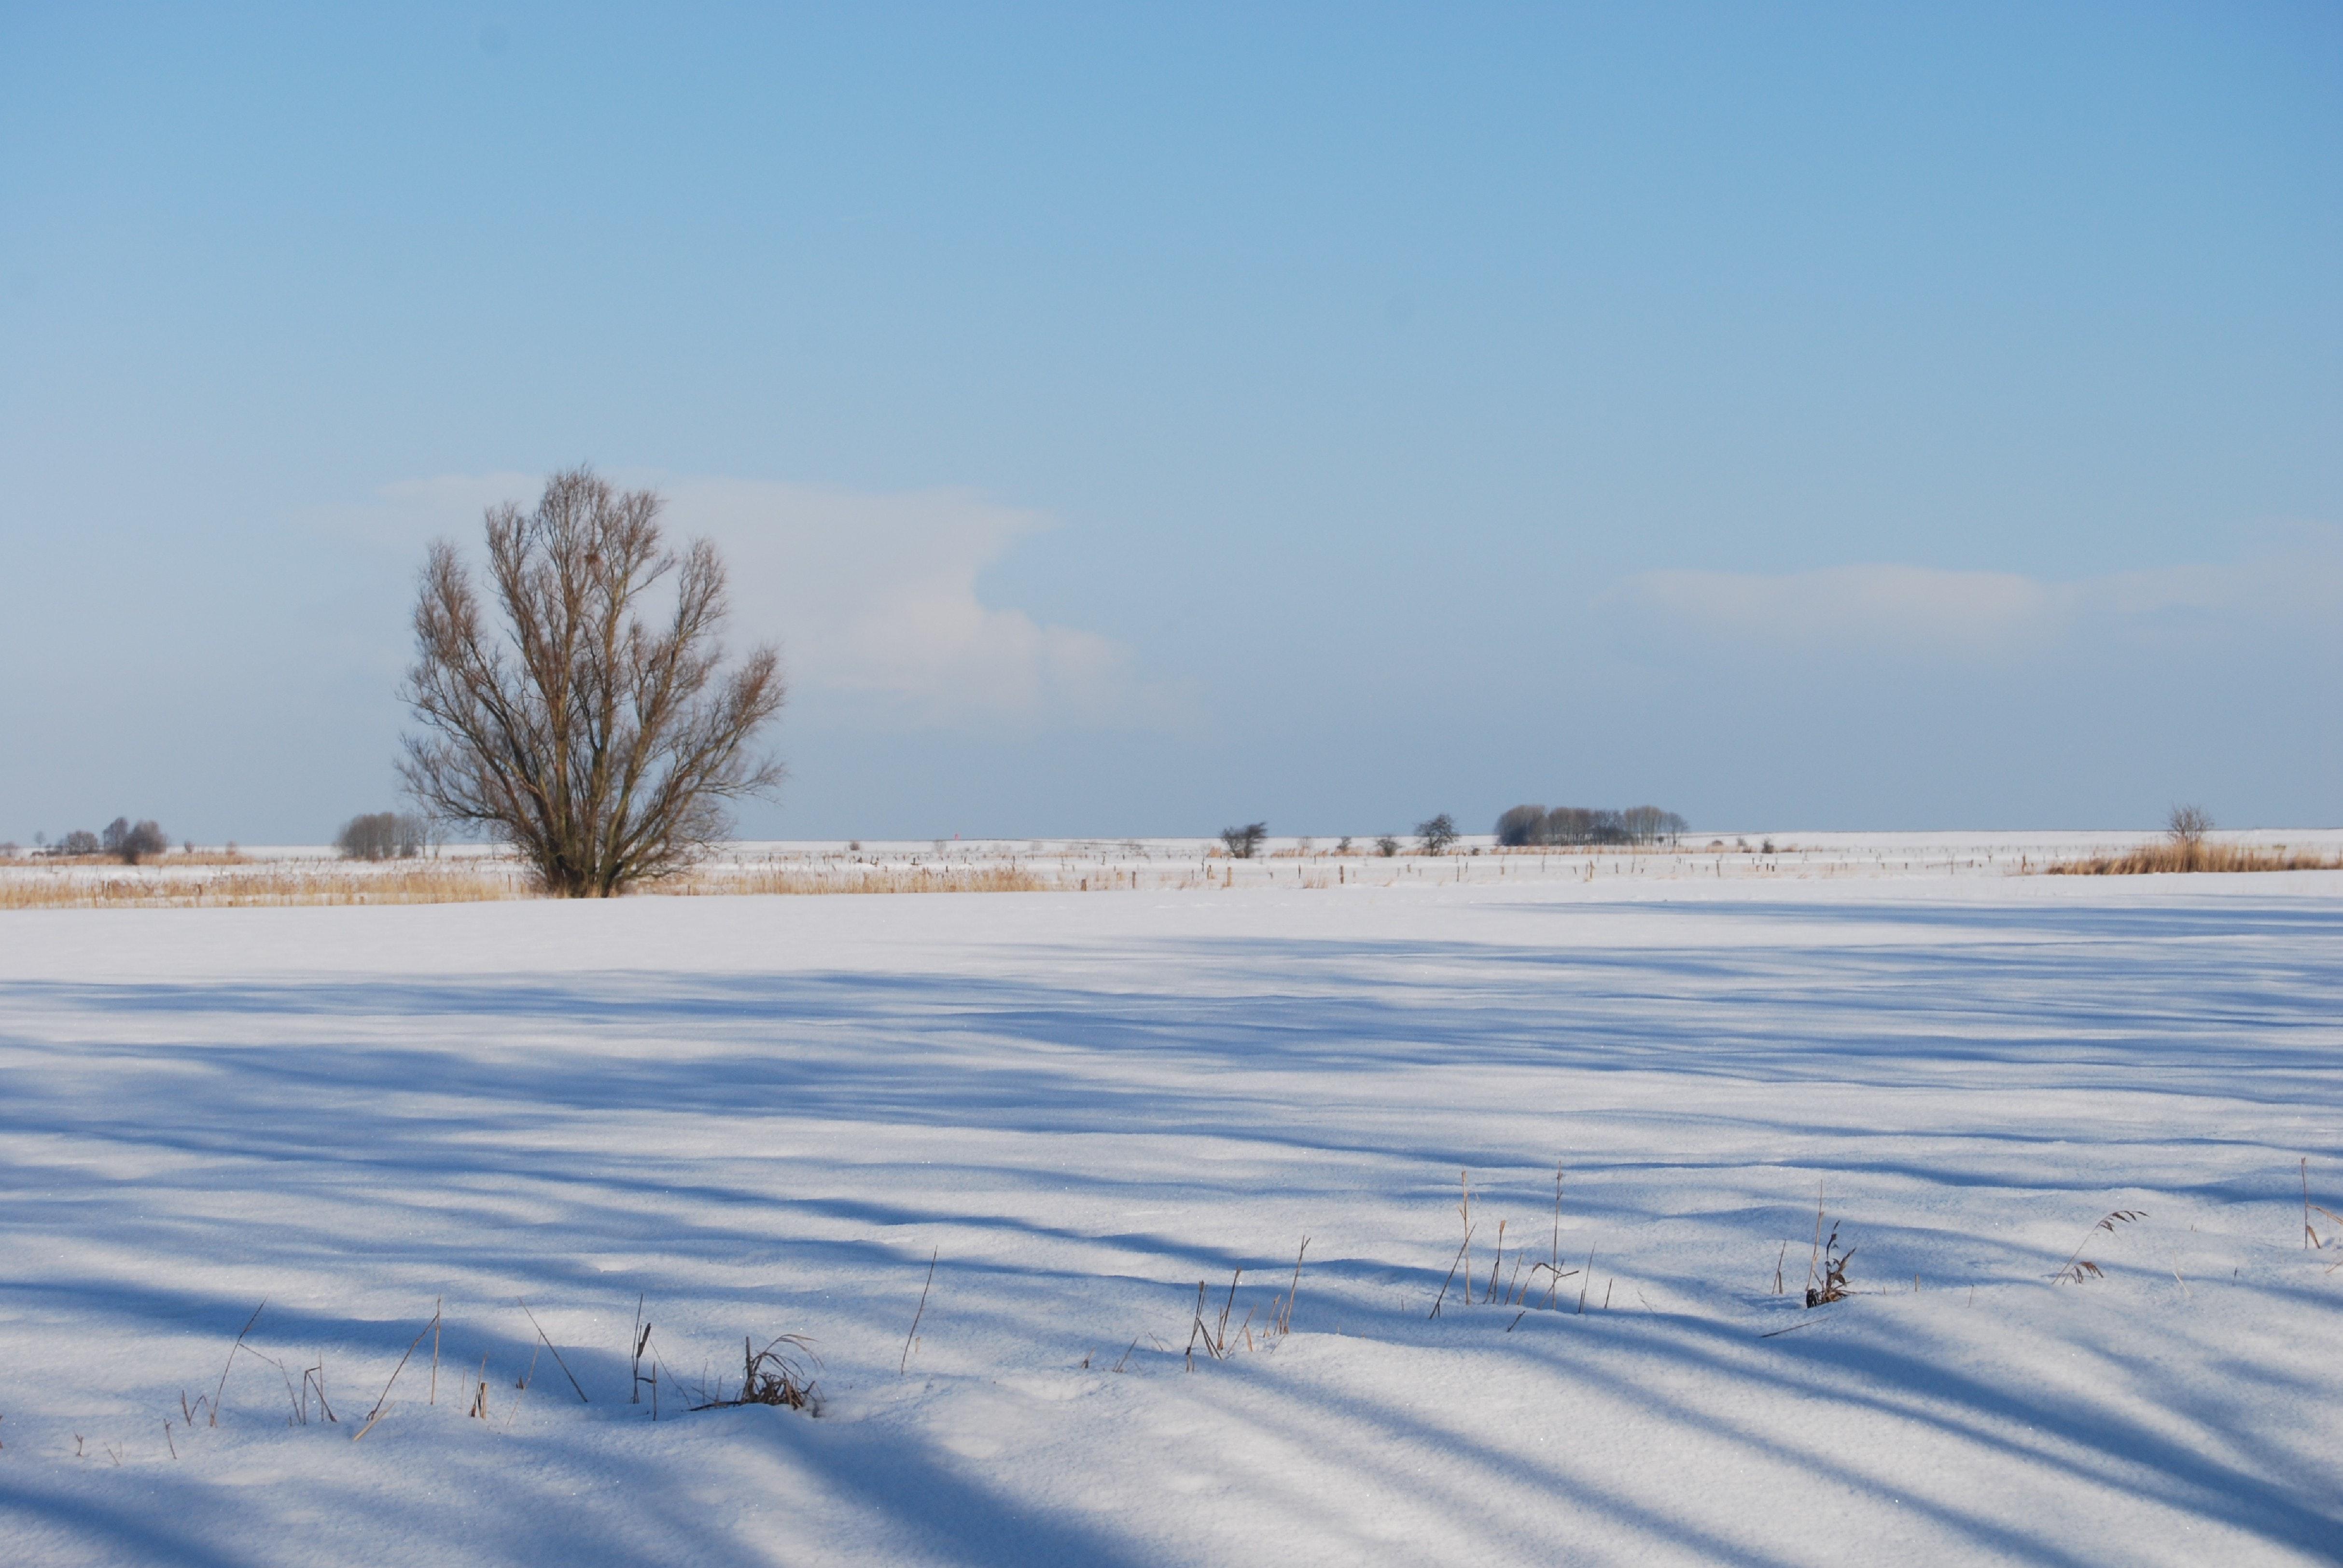 ... phong cảnh mùa đông, Thiên đường mùa đông. Nhiếp ảnh gia